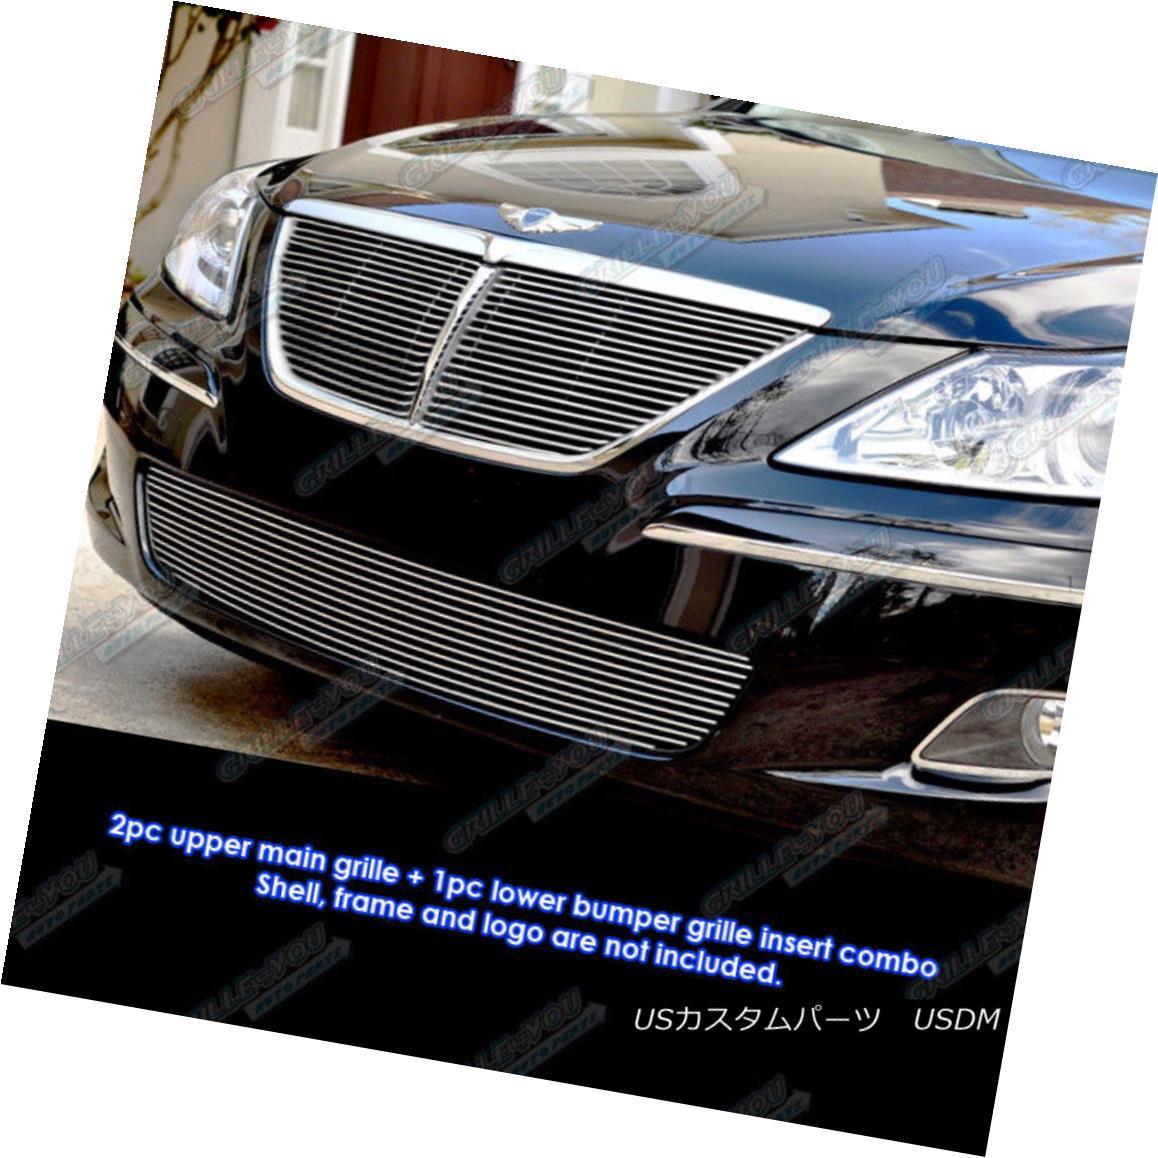 グリル Fits 2009-2011 Genesis Sedan Billet Grille Insert Combo 2009-2011年のジェネシスセダンビレットグリルインサートコンボに適合